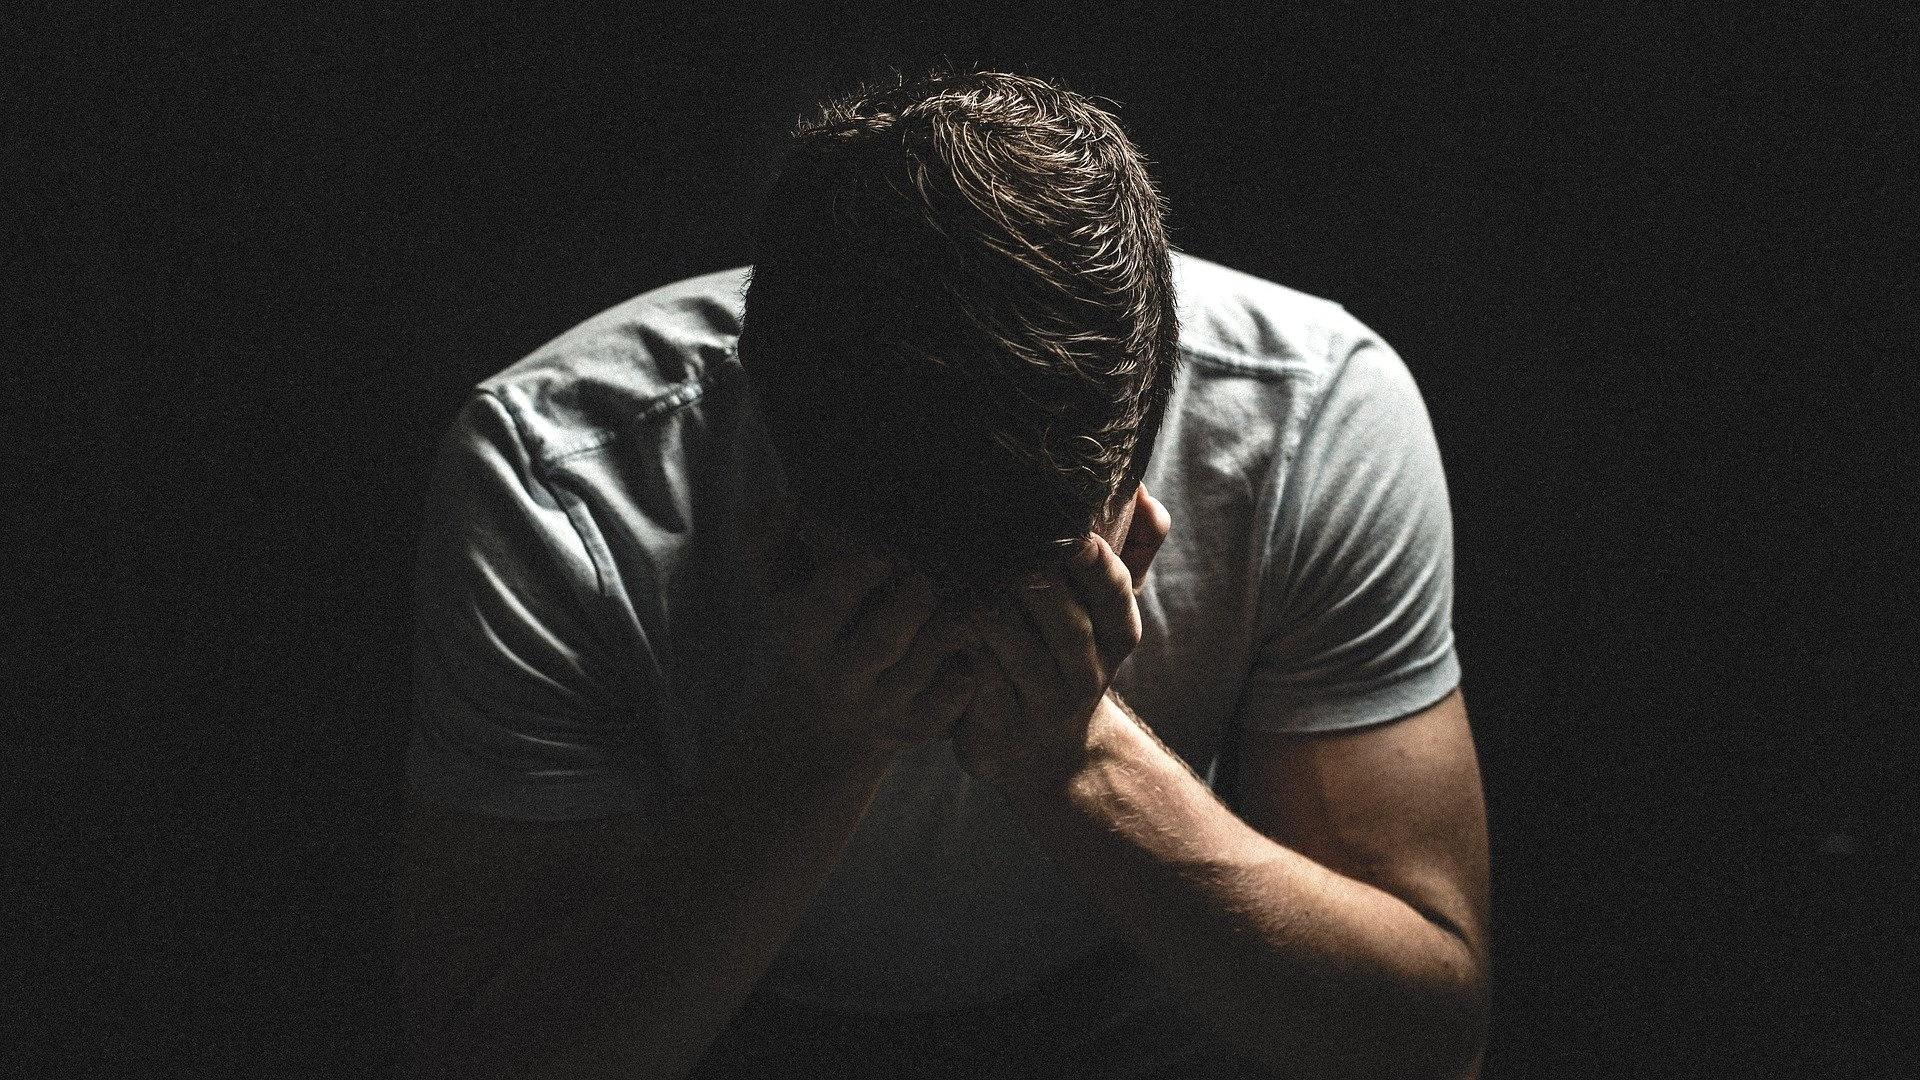 Die sexuelle Unlust beim Mann kann viele verschiedene Ursachen haben.